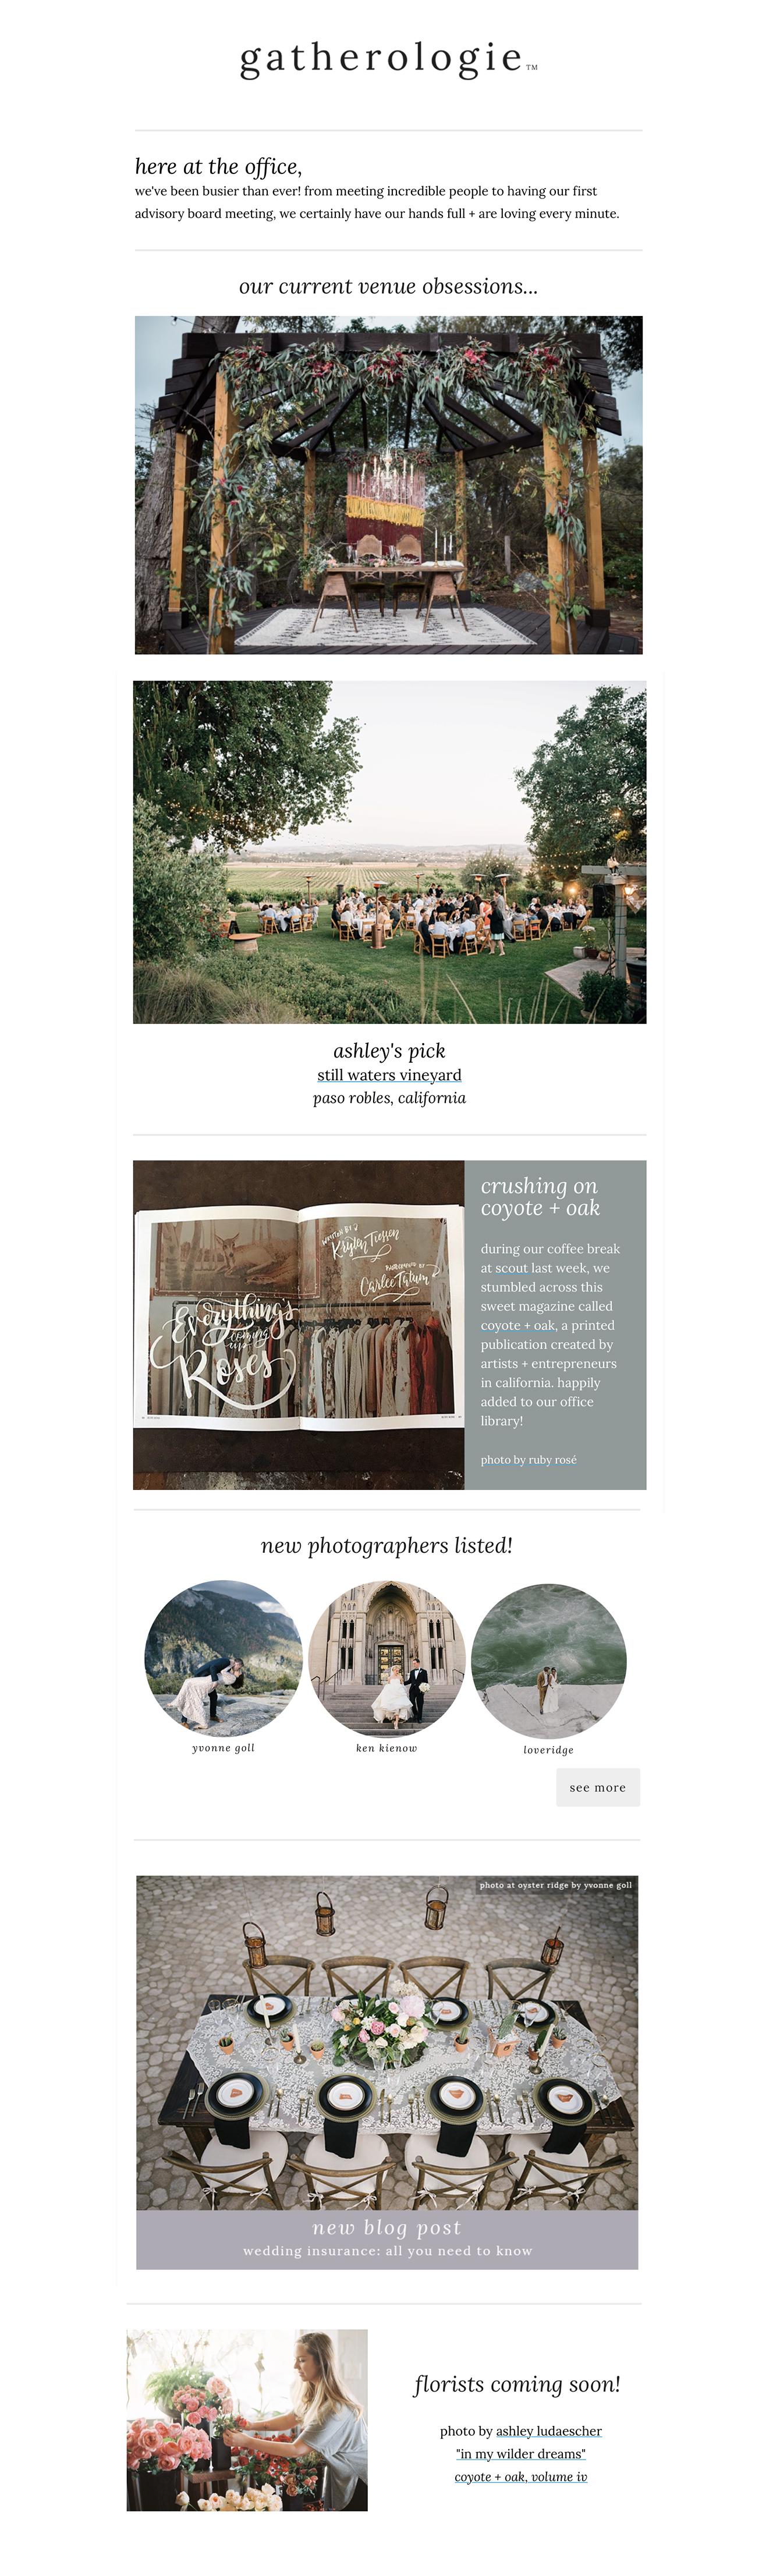 gatherologie newsletter 3.jpg